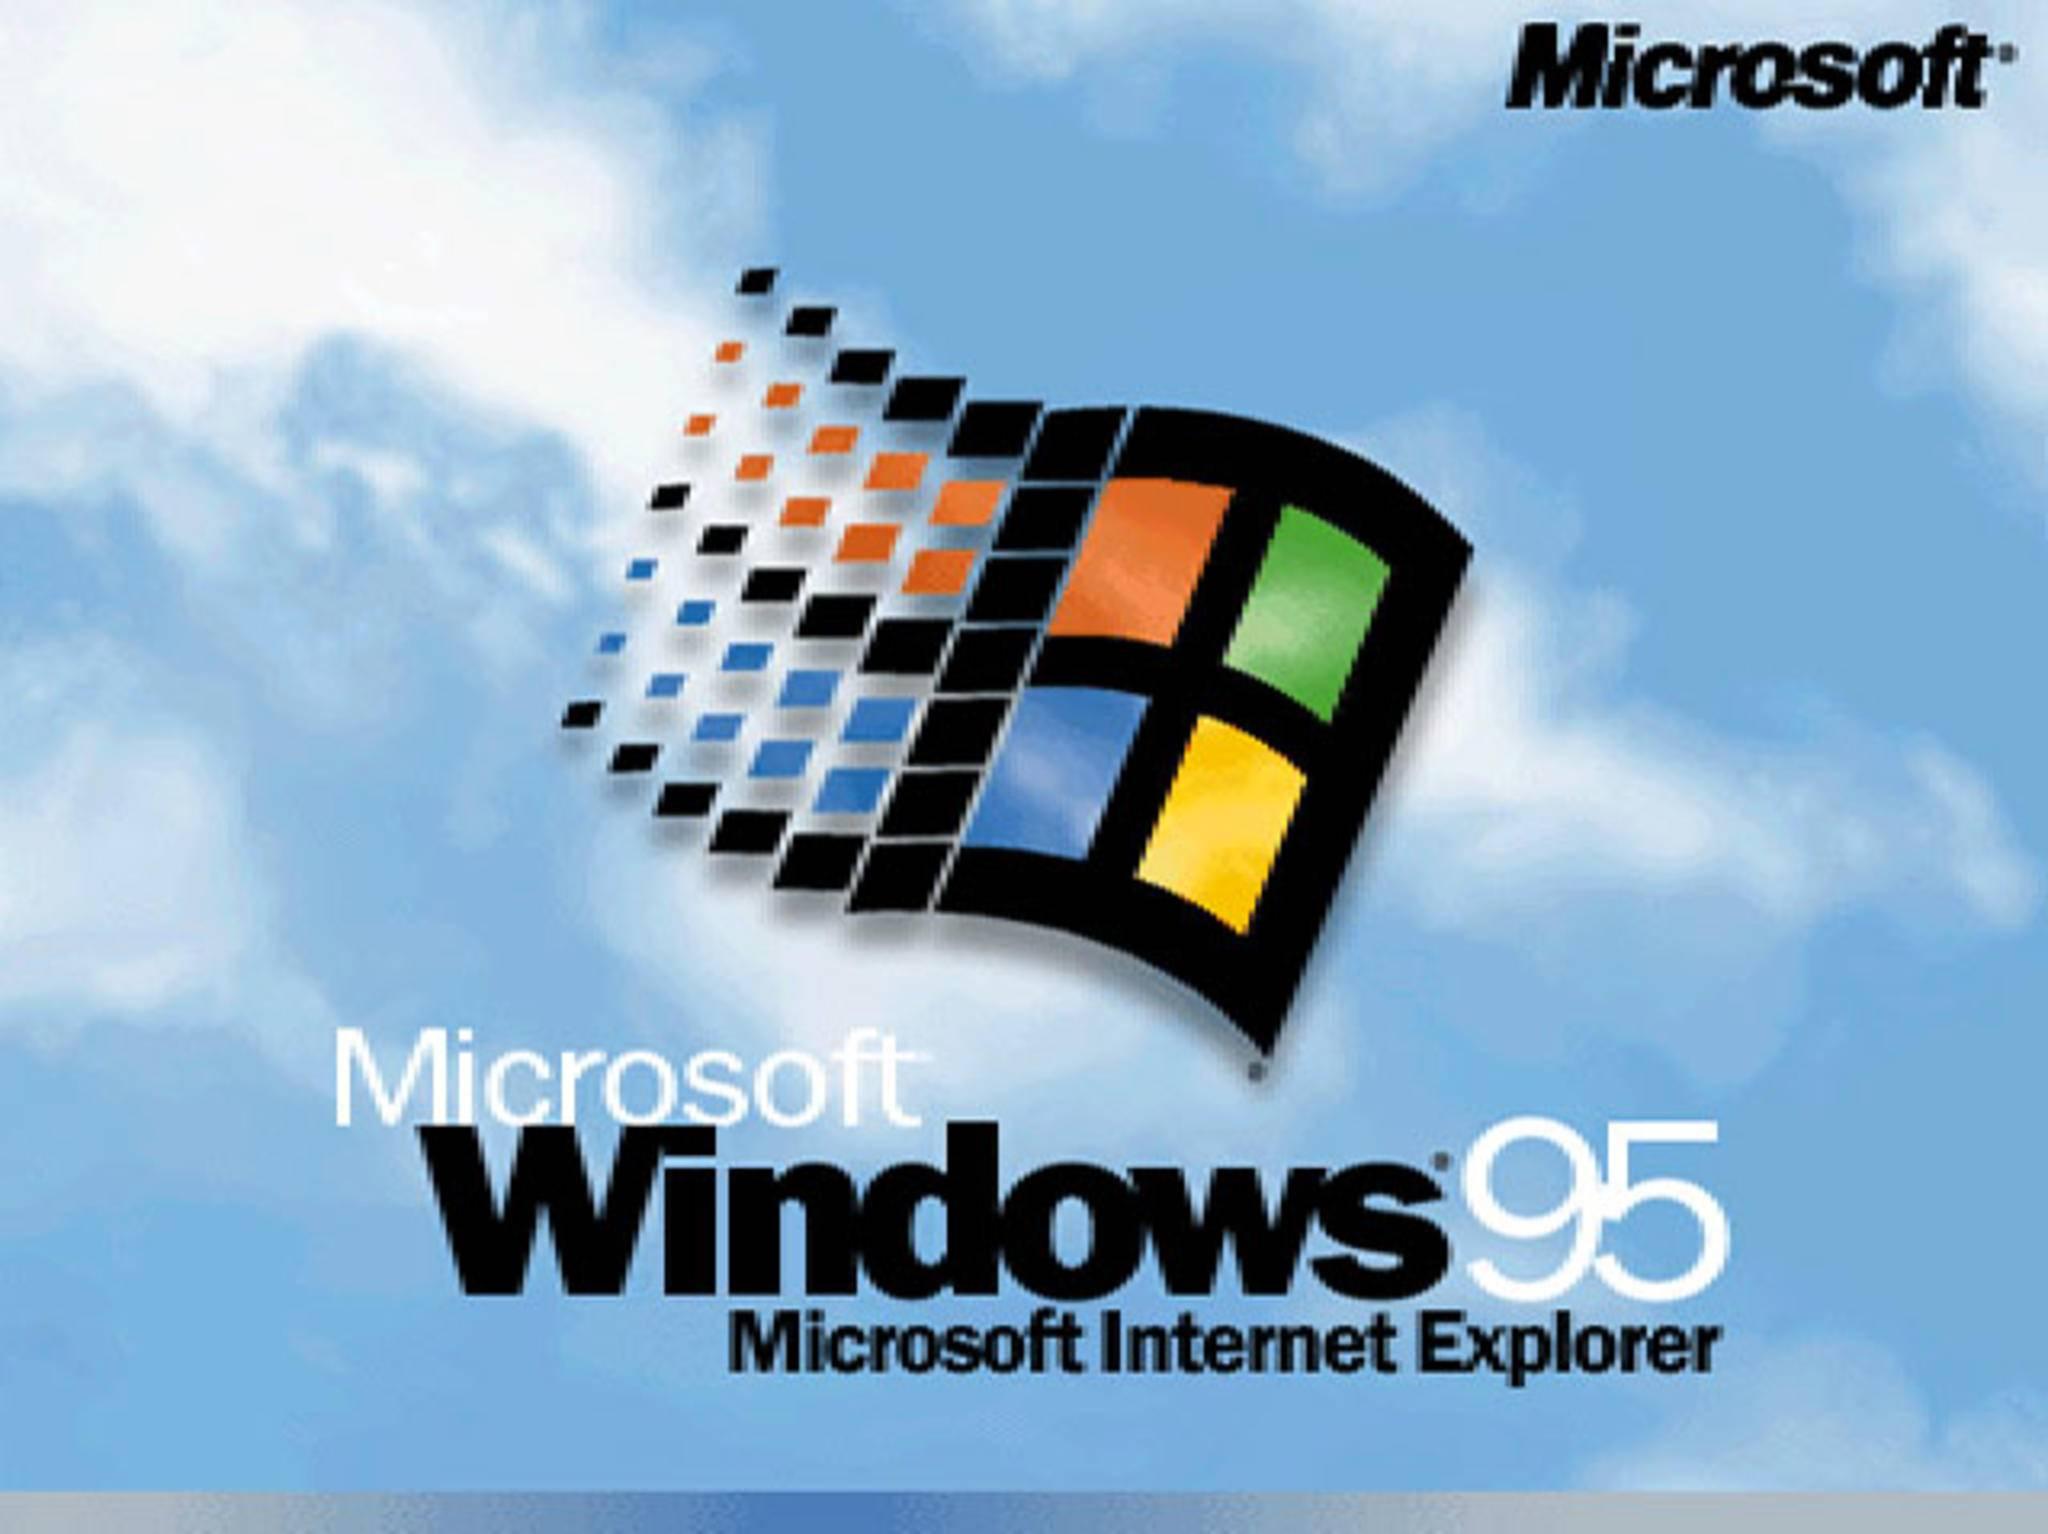 Windows 95 im Browser